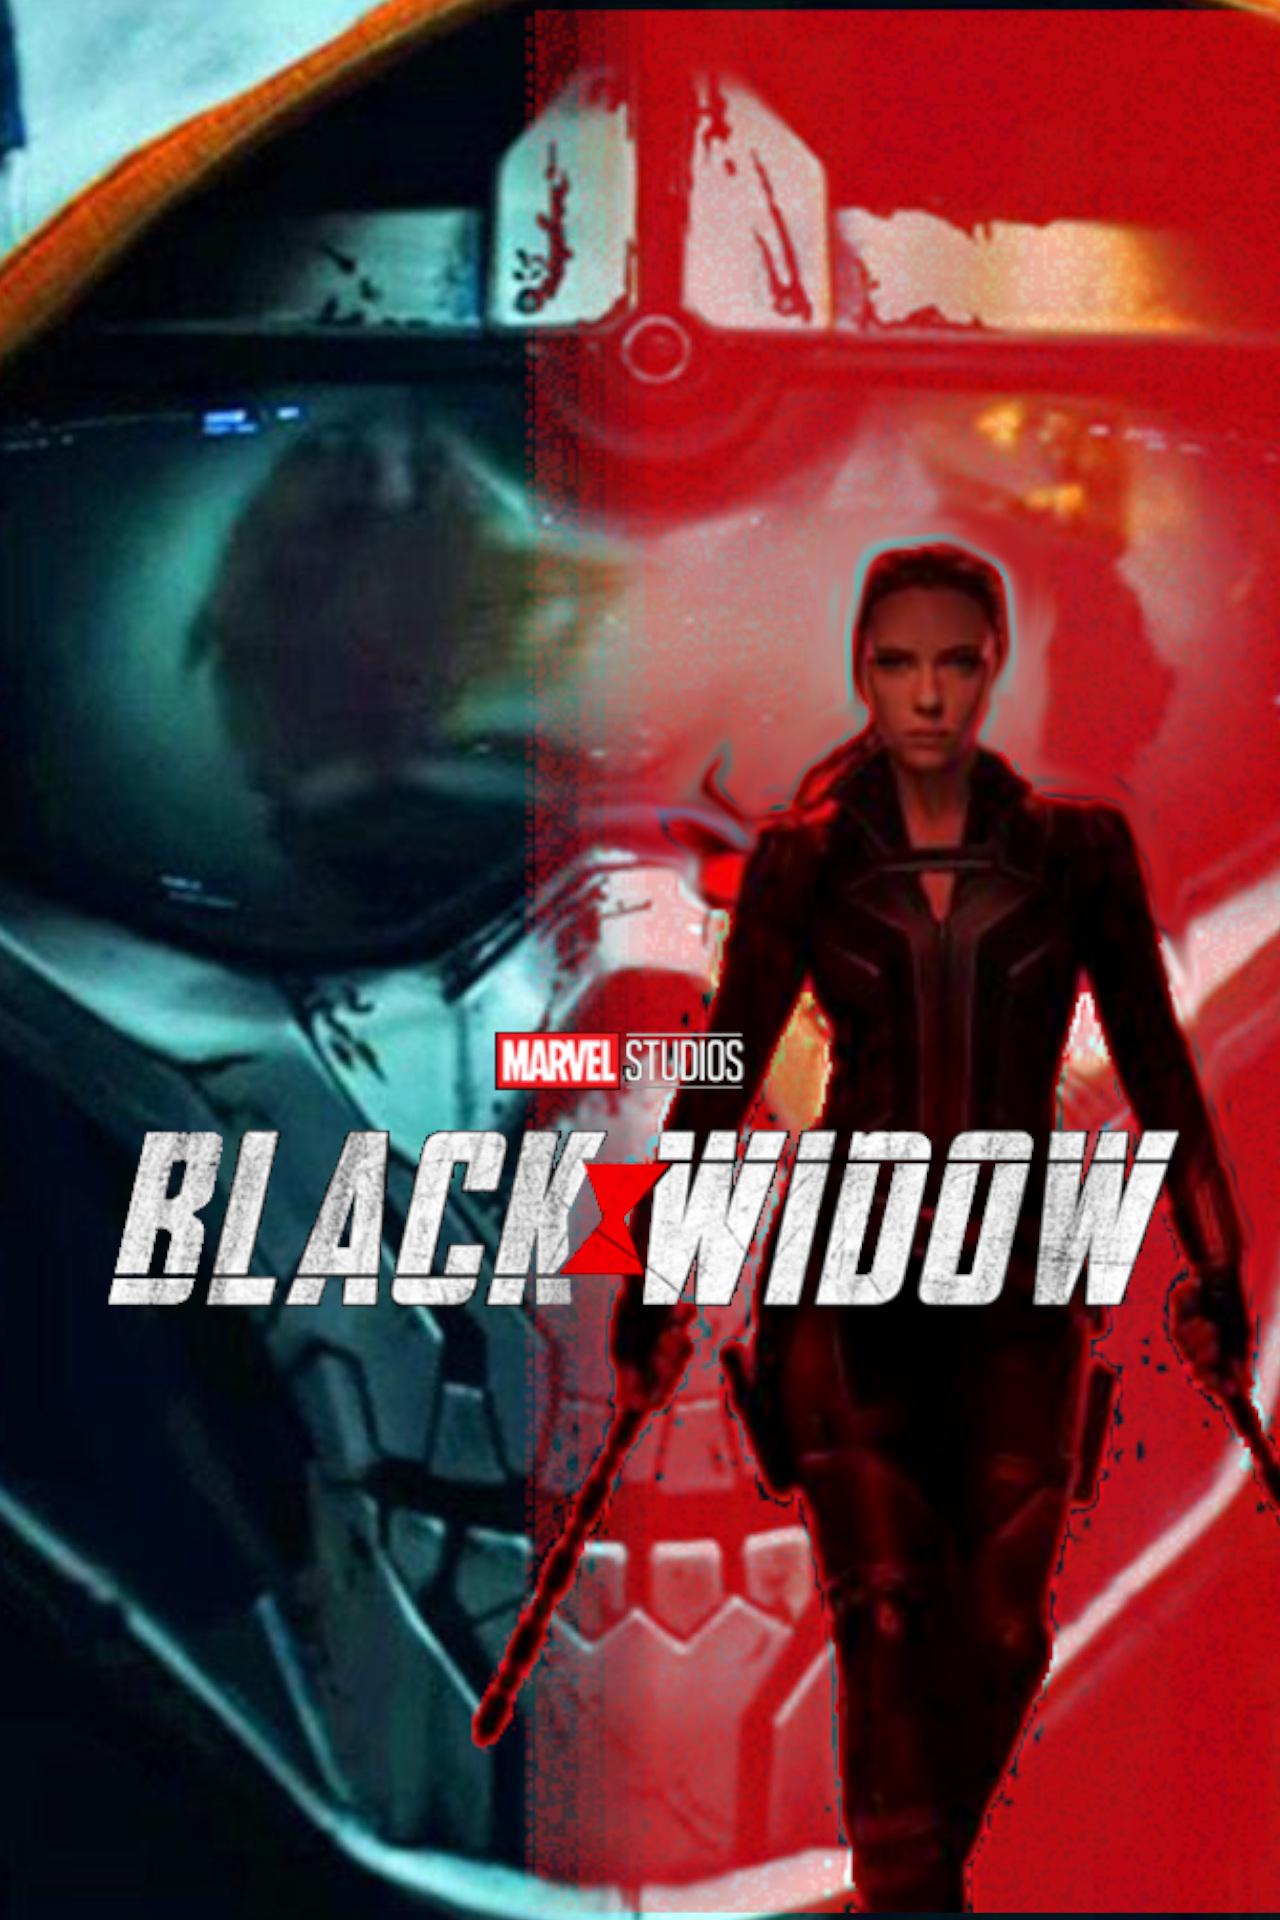 Um novo trailer de Viúva Negra foi divulgado mostrando o legado de Natasha Romanoff nos Vingadores e seu passado sombrio, além de novas imagens do vilão Treinador.